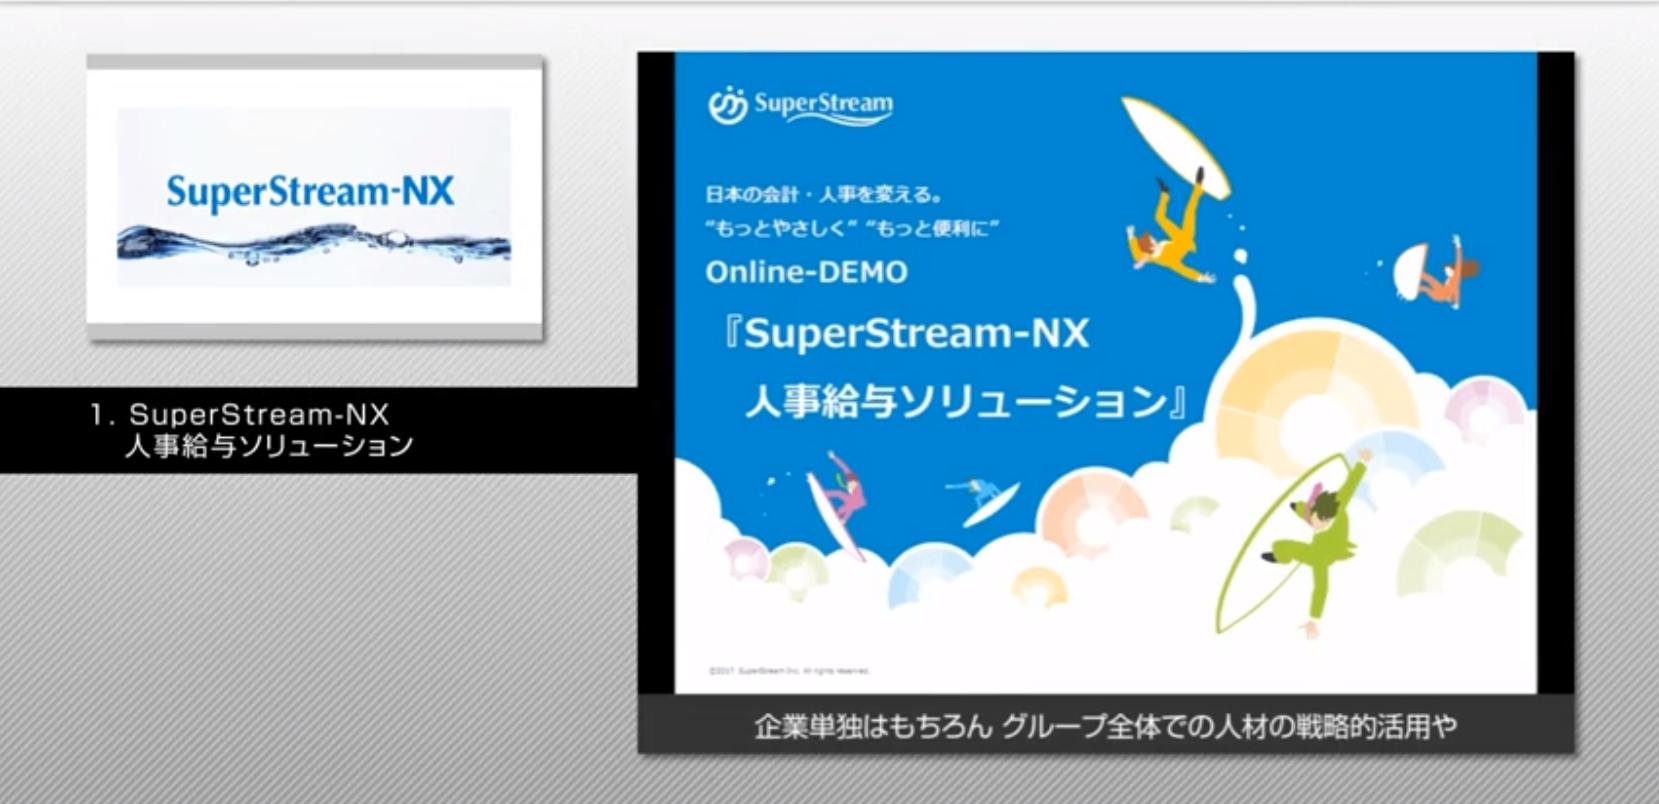 SuperStream-NX Ver.2.0 人事給与ソリューション